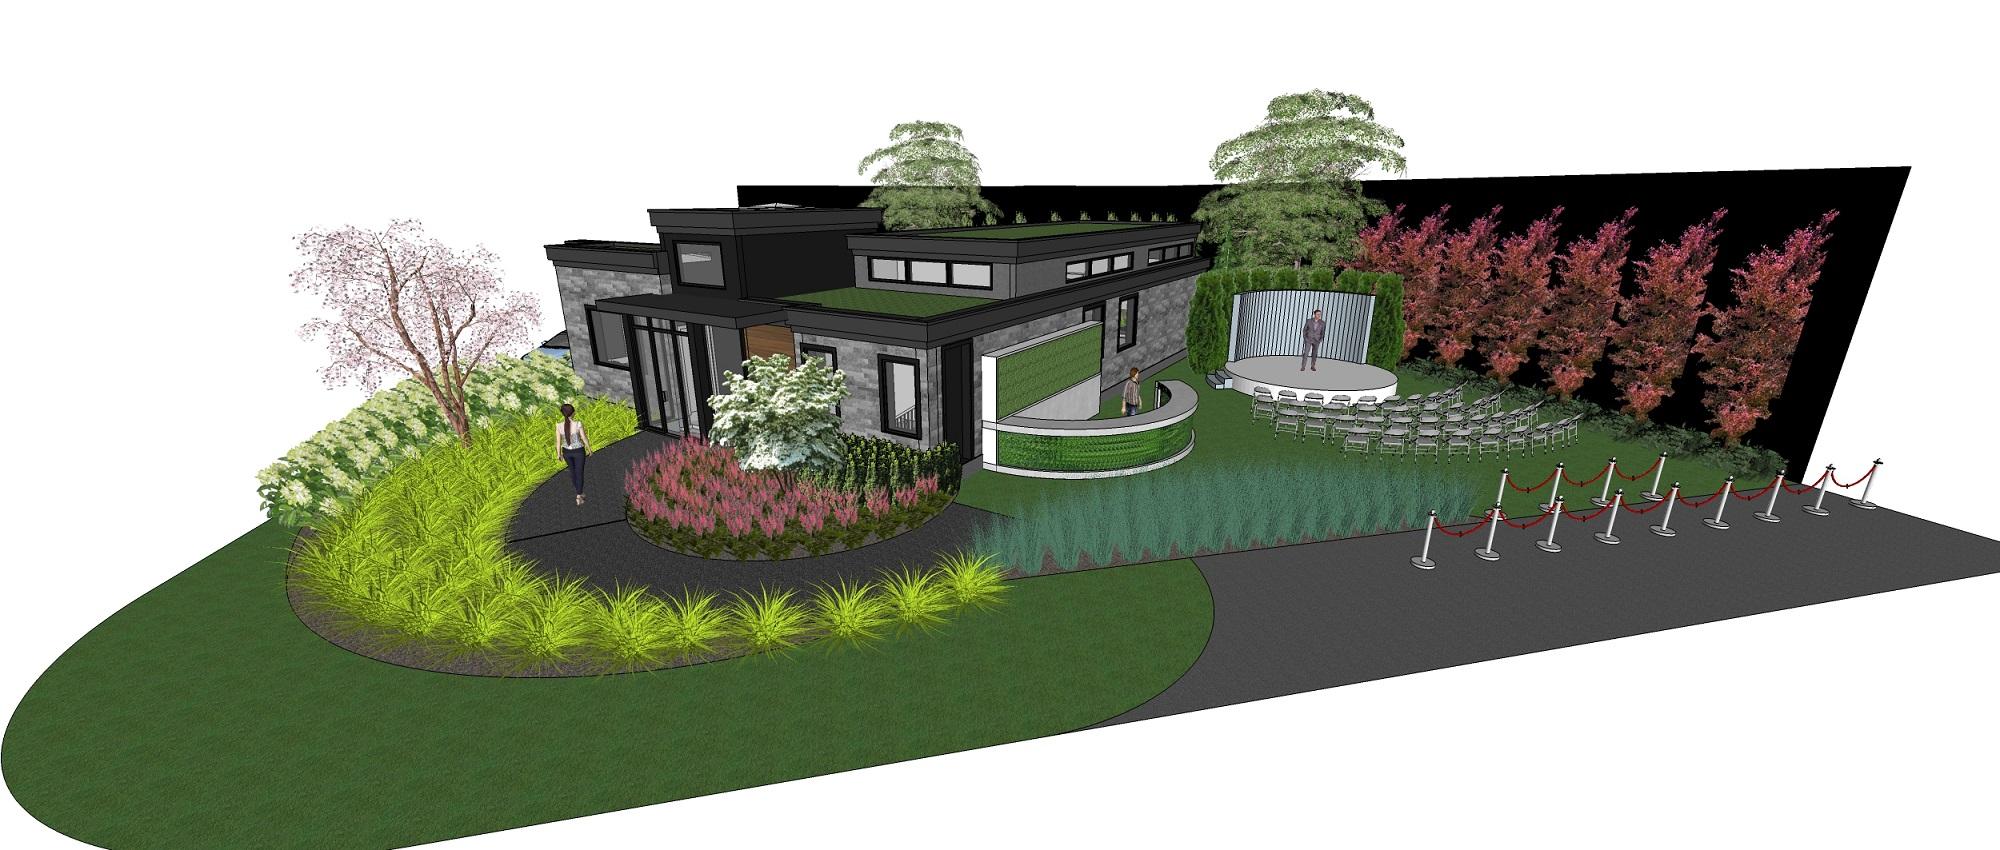 National Home Show - Future Dream Home_2.jpg